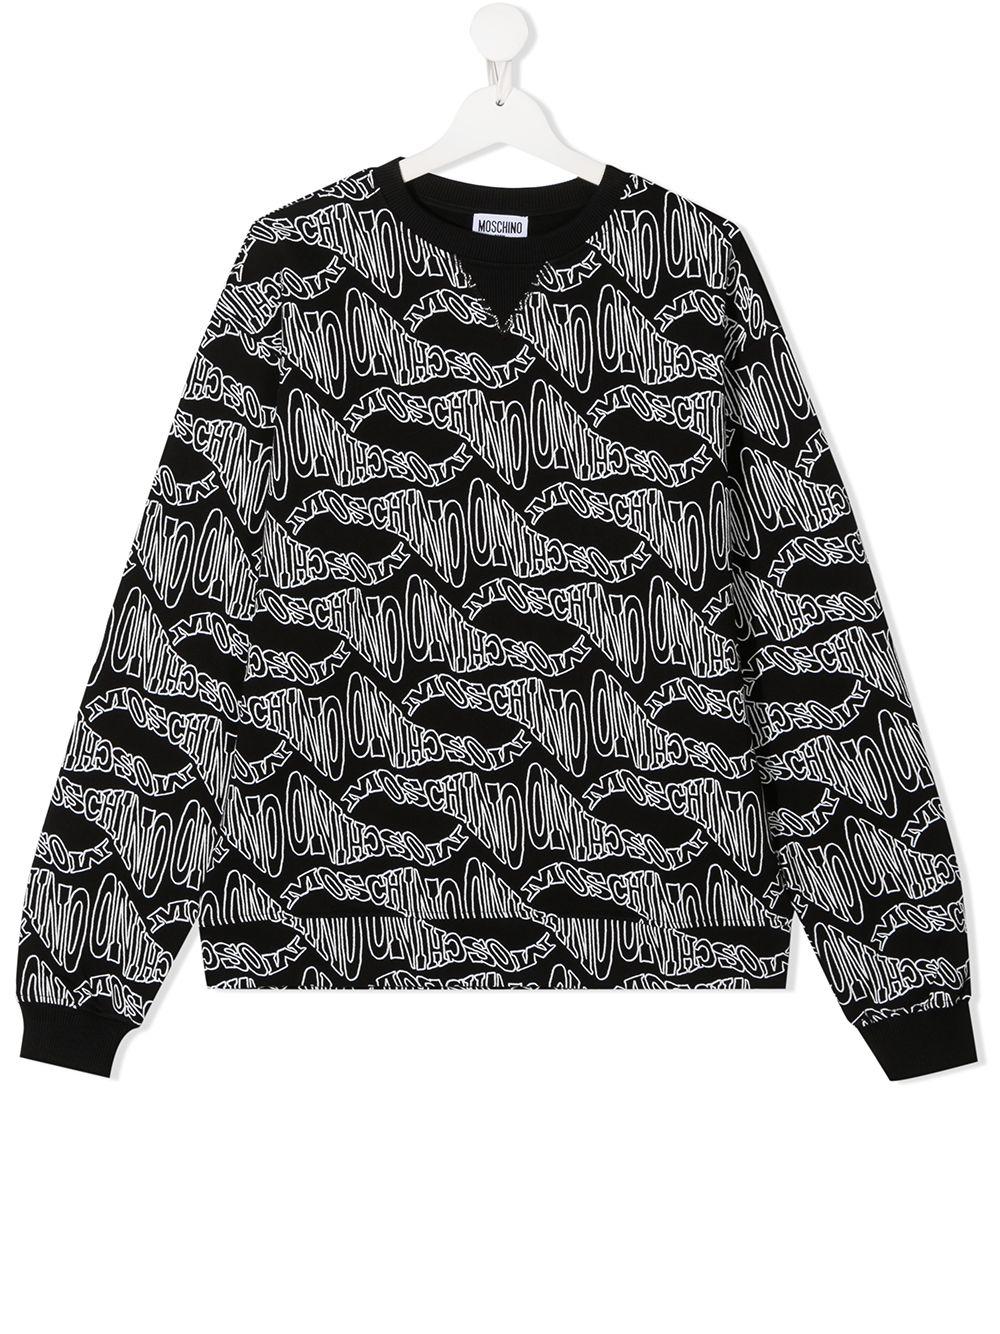 MOSCHINO KIDS | Sweatshirt | HUF03ULCB1483404T